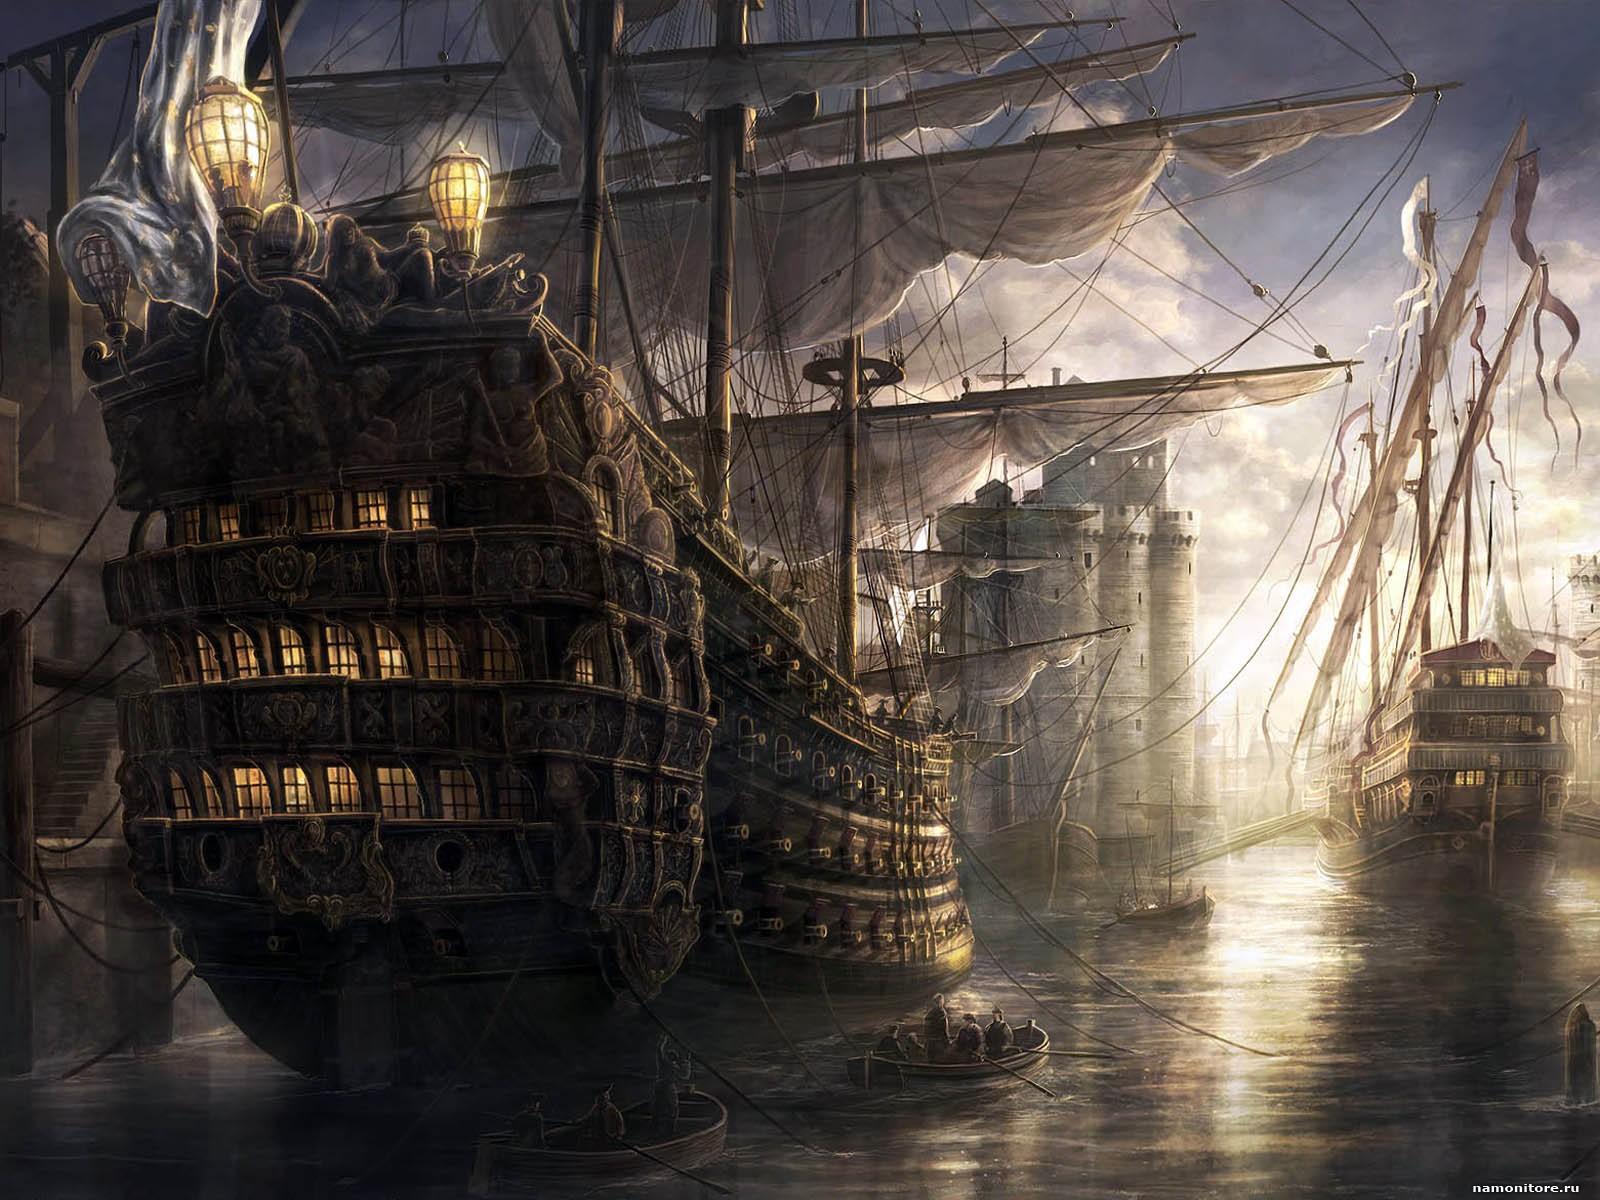 Компьютерная игра про корабли